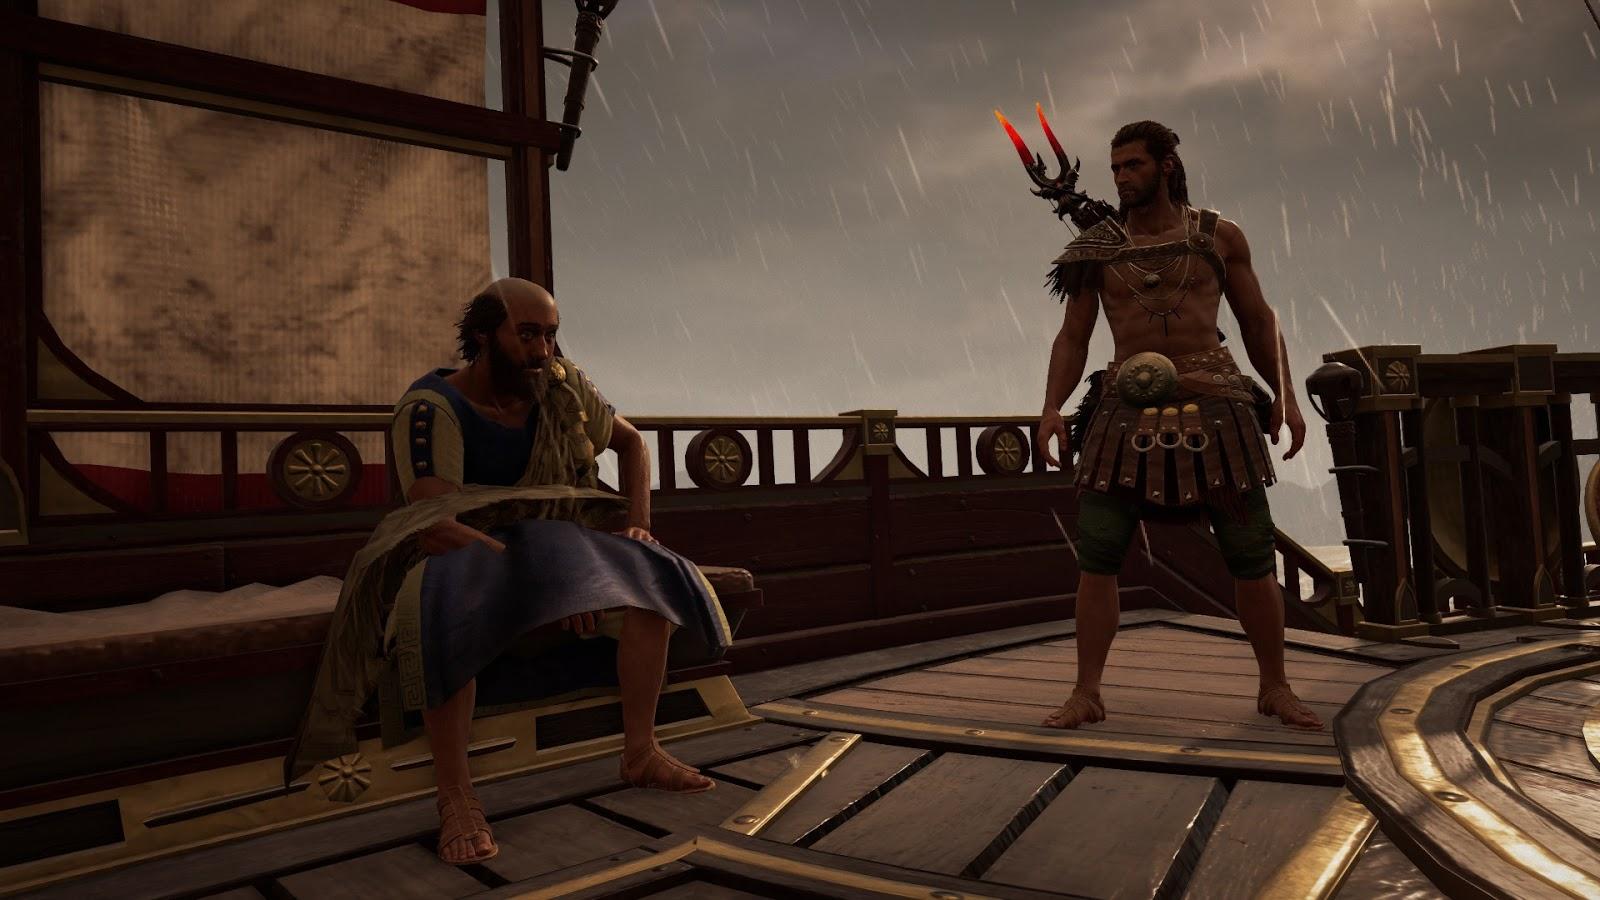 刺客教條 奧德賽 (Assassin's Creed Odyssey) 希波克拉底攻略方法 | 娛樂計程車